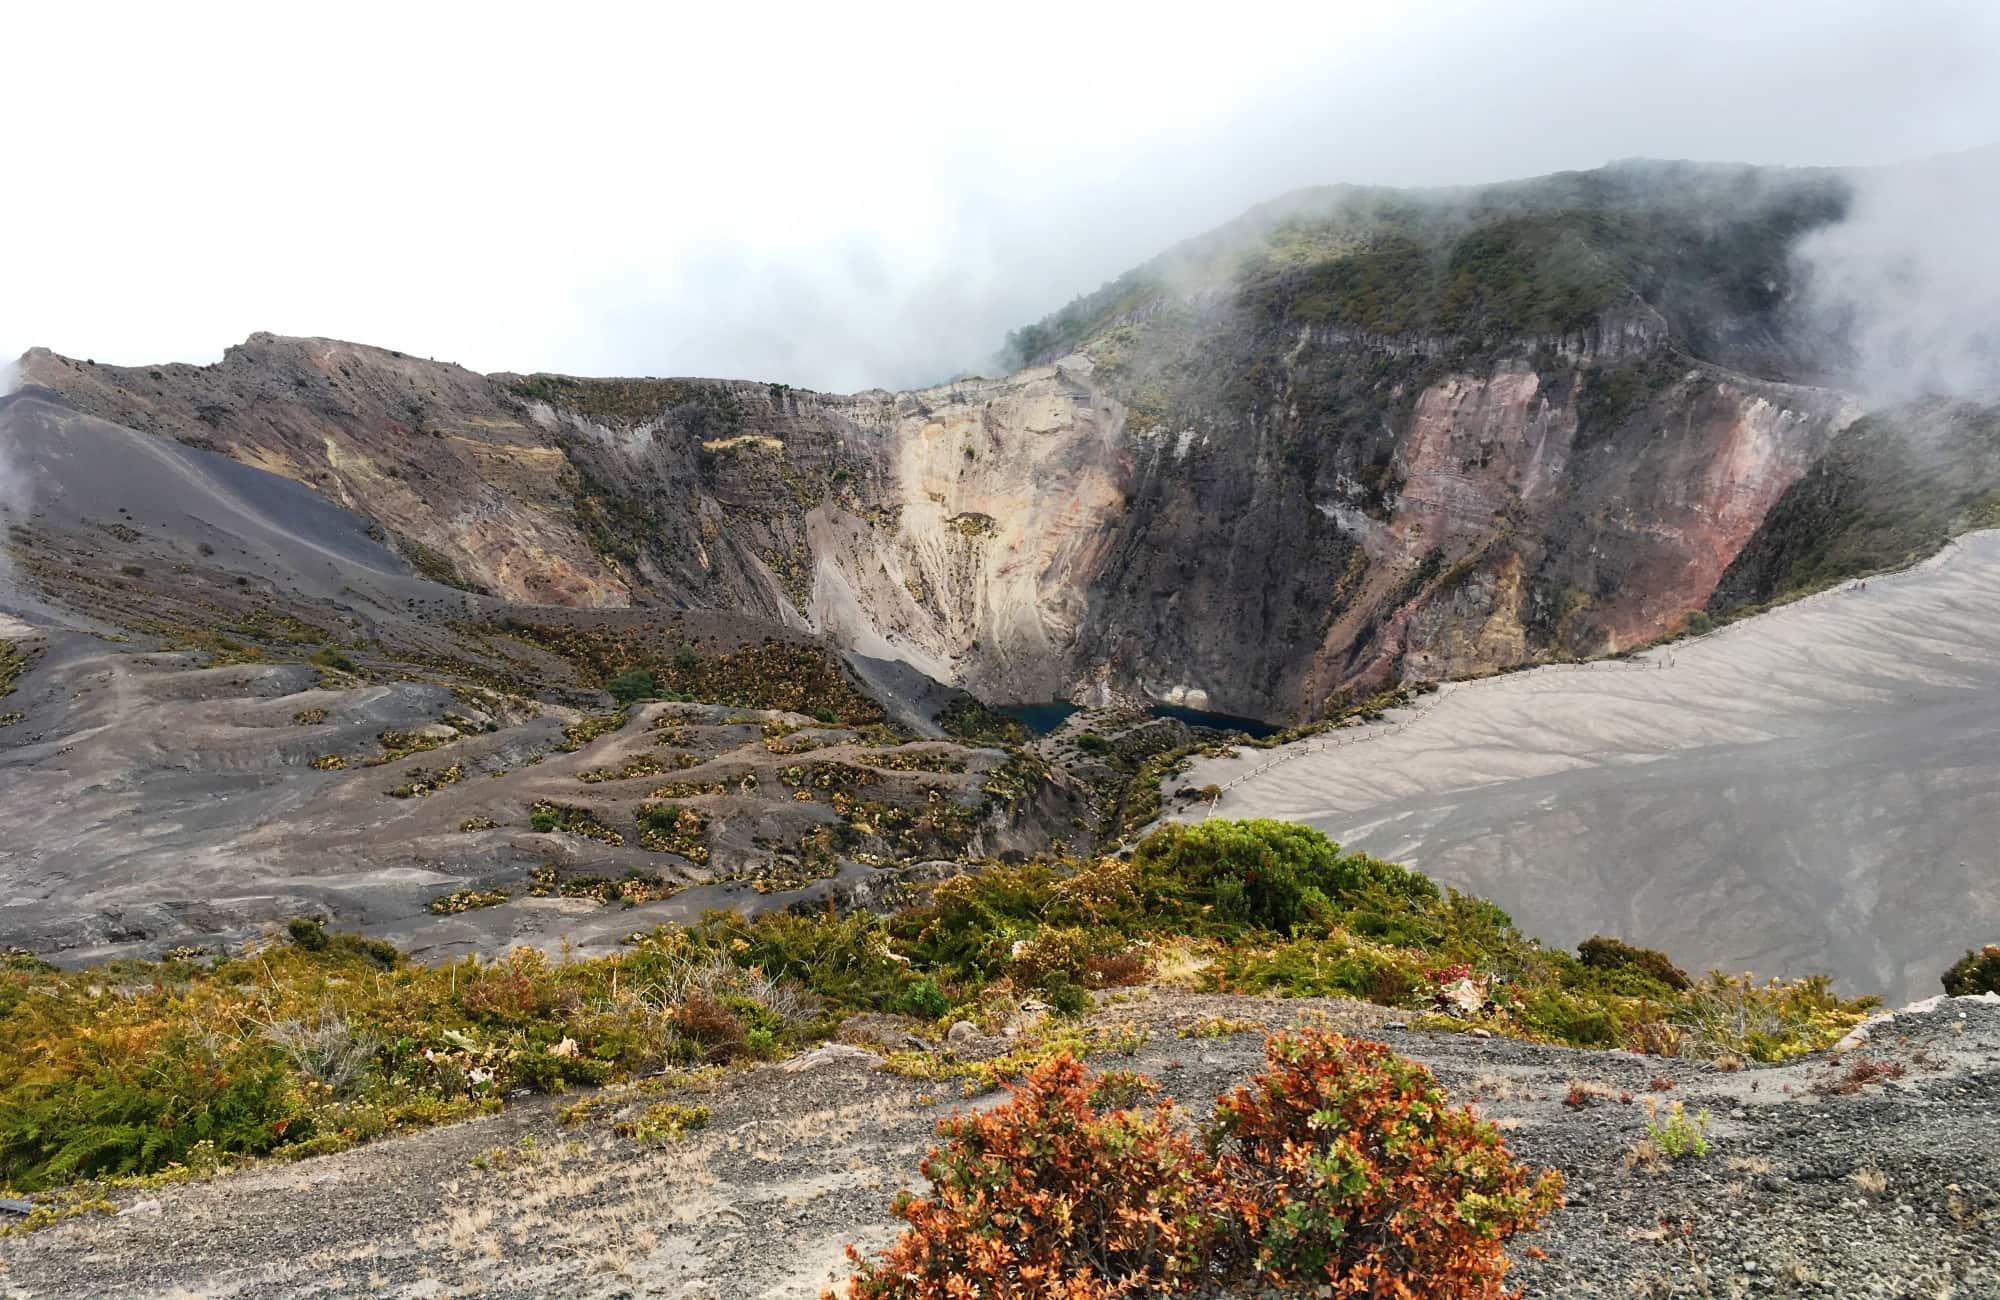 Le cratère principal fumant avant l'arrivée des nuages